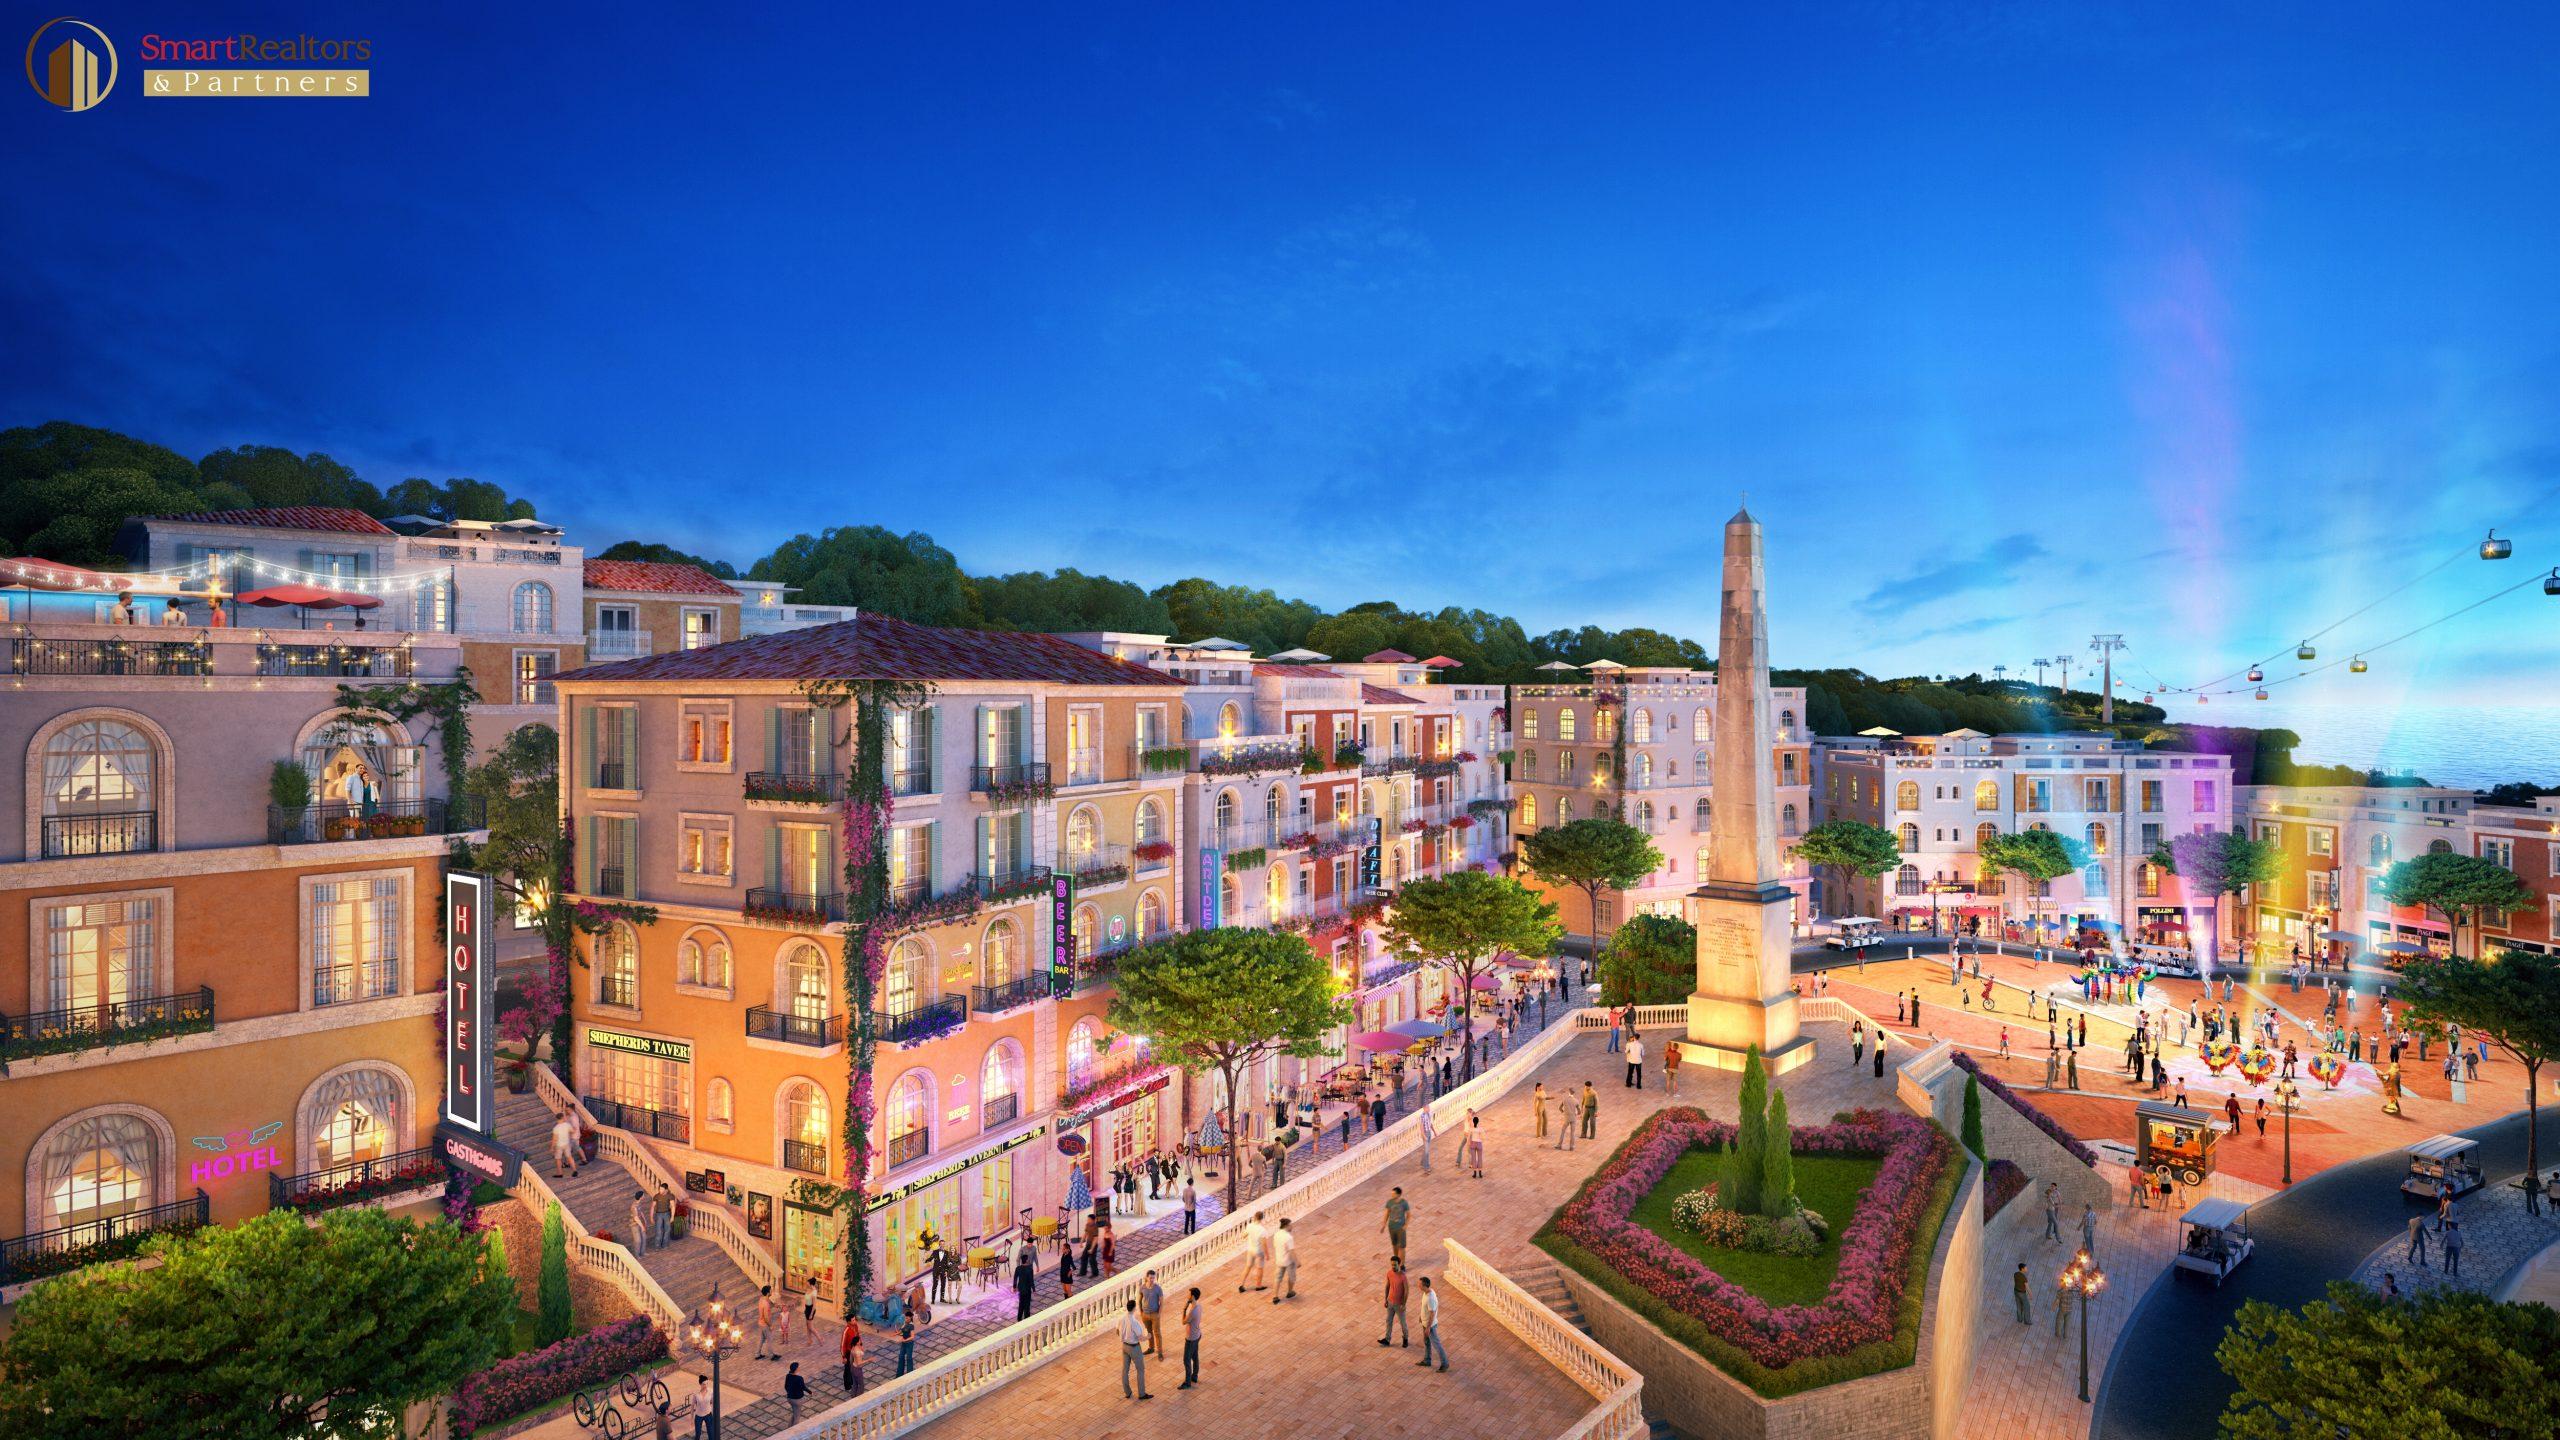 shophouse Địa Trung Hải - The Center phù hợp kinh doanh đa lĩnh vực như lưu trú, F&B, spa, thời trang, nghệ thuật, du lịch - lữ hành